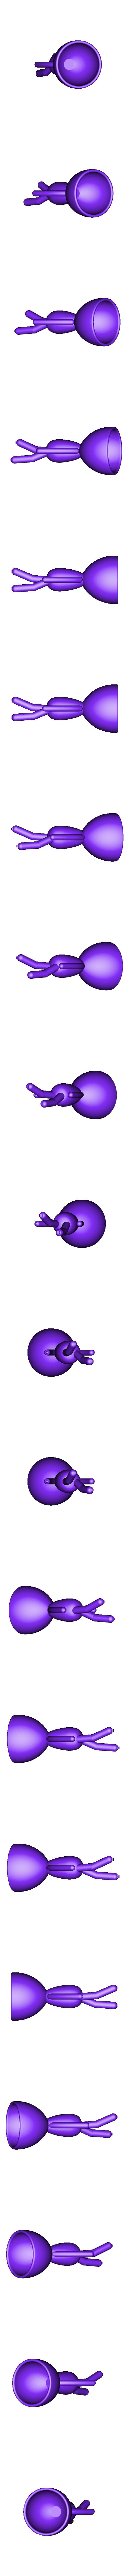 PADRE.stl Télécharger fichier STL gratuit Vase de la famille de Robert Vase de fleurs Mère Papa Fils / Fille • Plan pour imprimante 3D, CREATIONSISHI